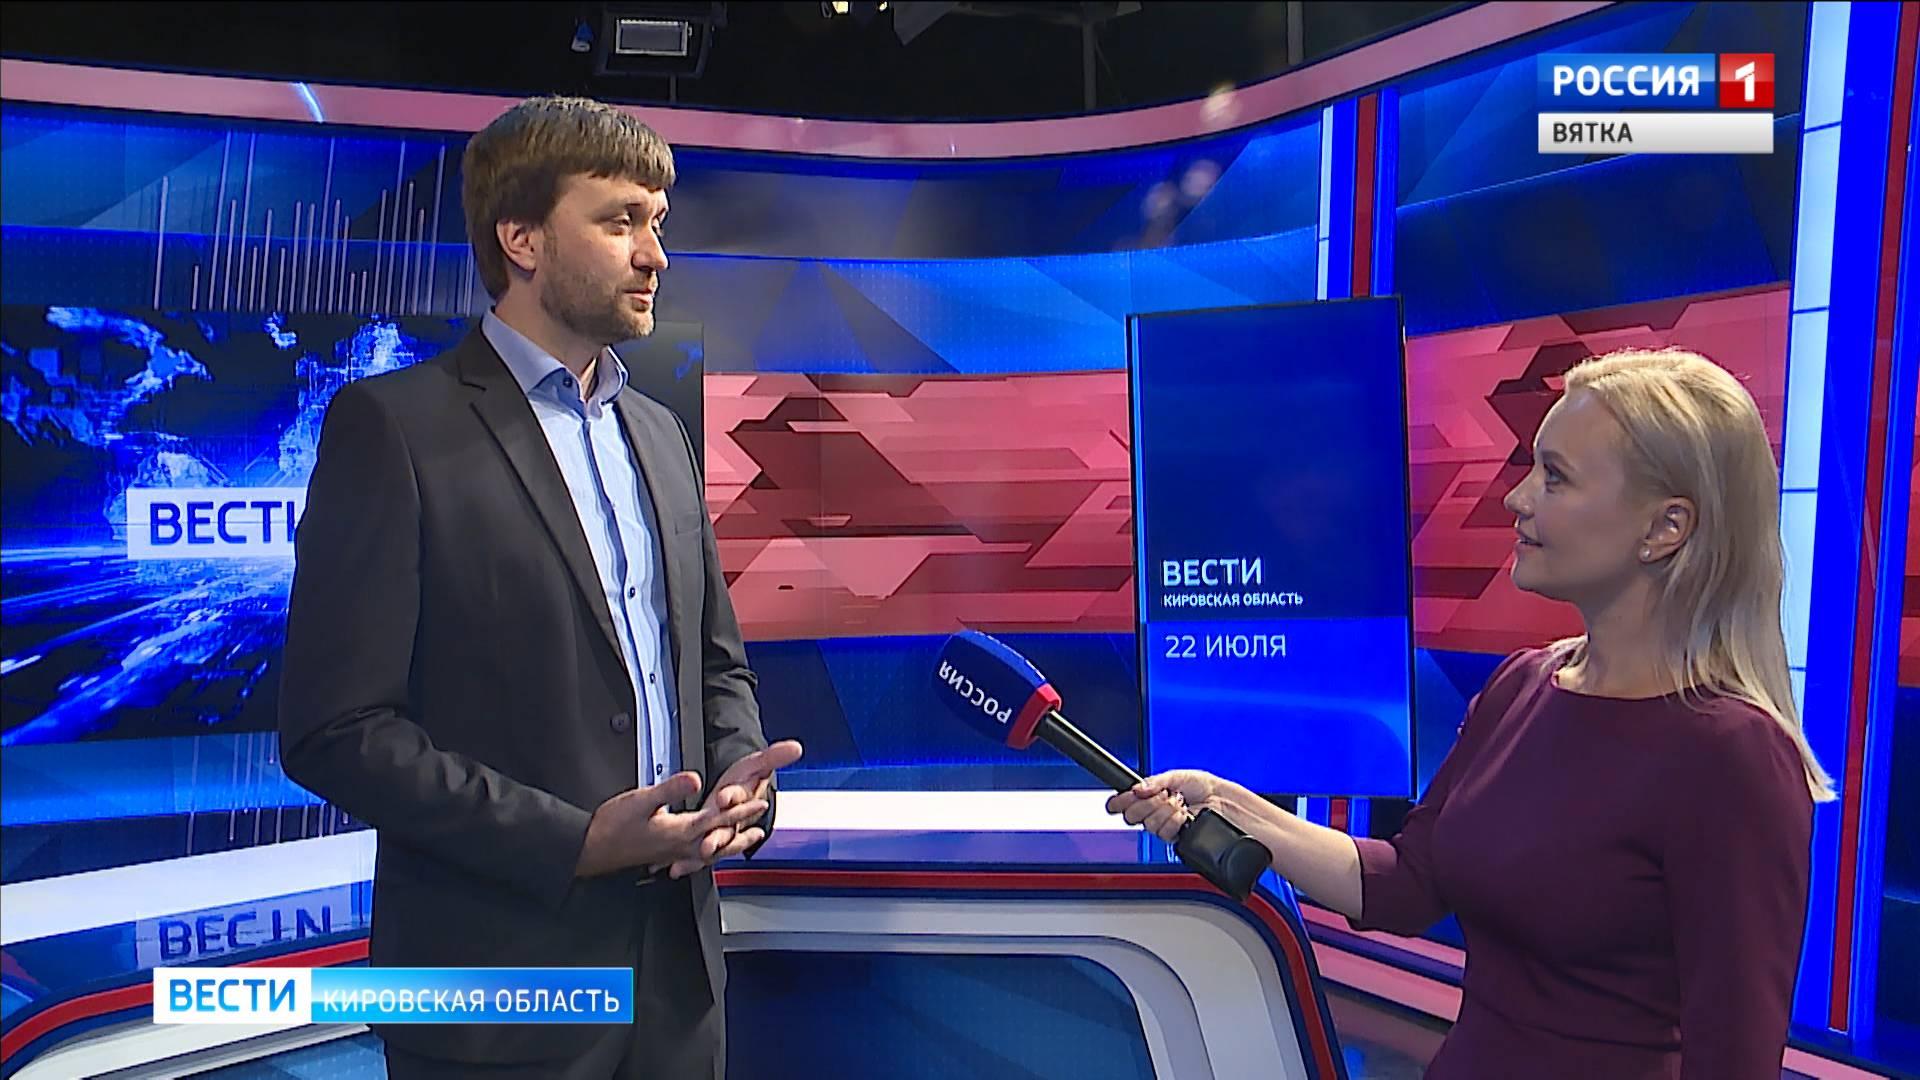 ГТРК «Вятка» вышла в эфир из новой телестудии